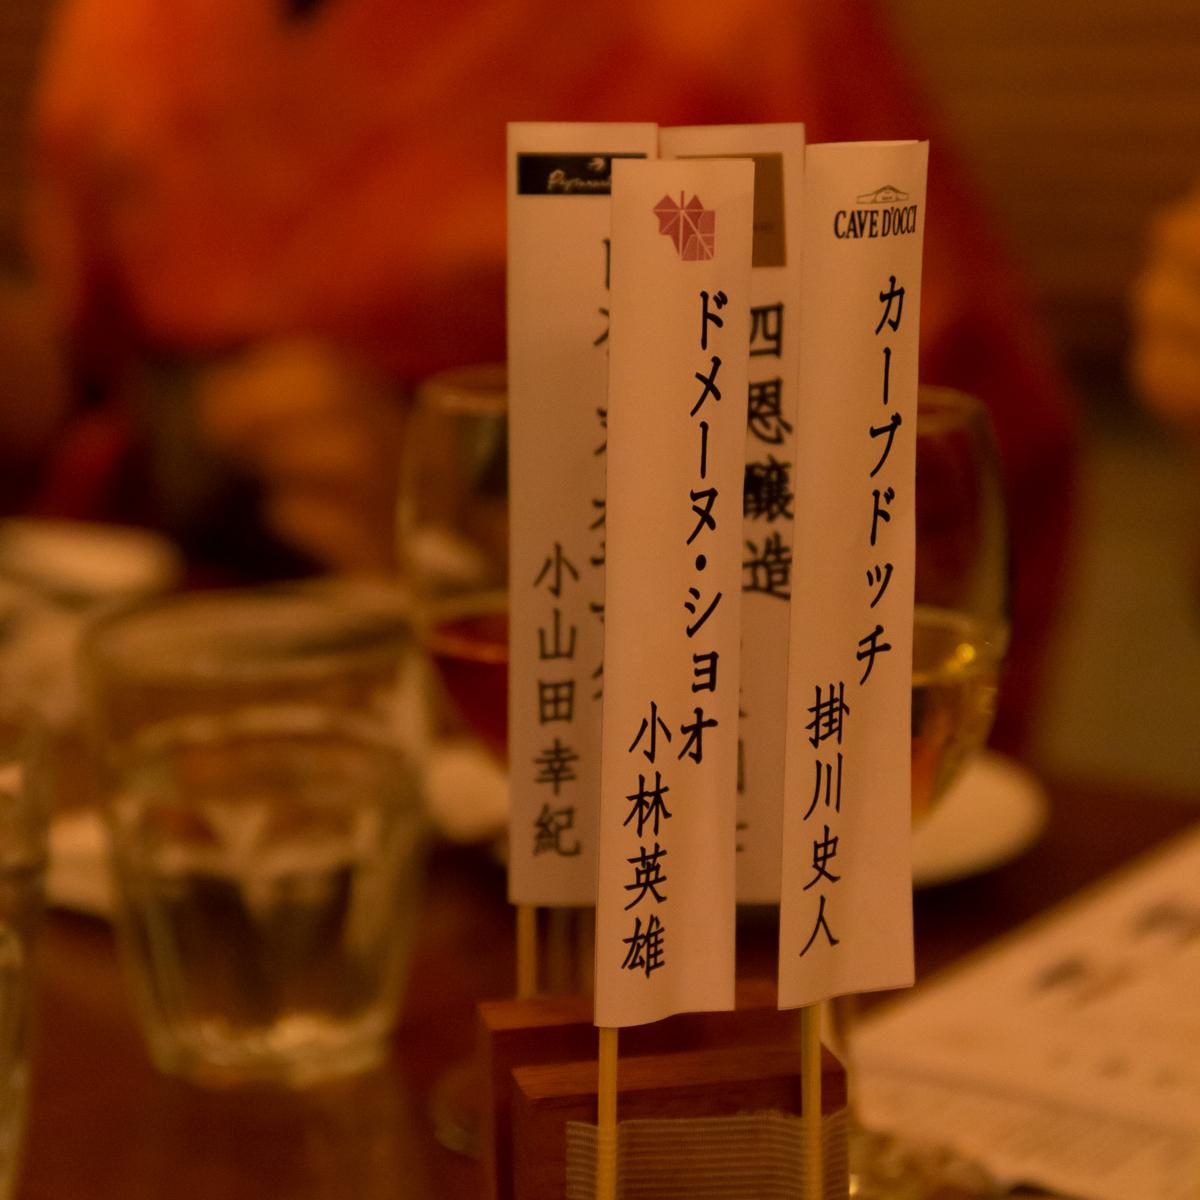 boji_ワイン川中島の合戦(2)